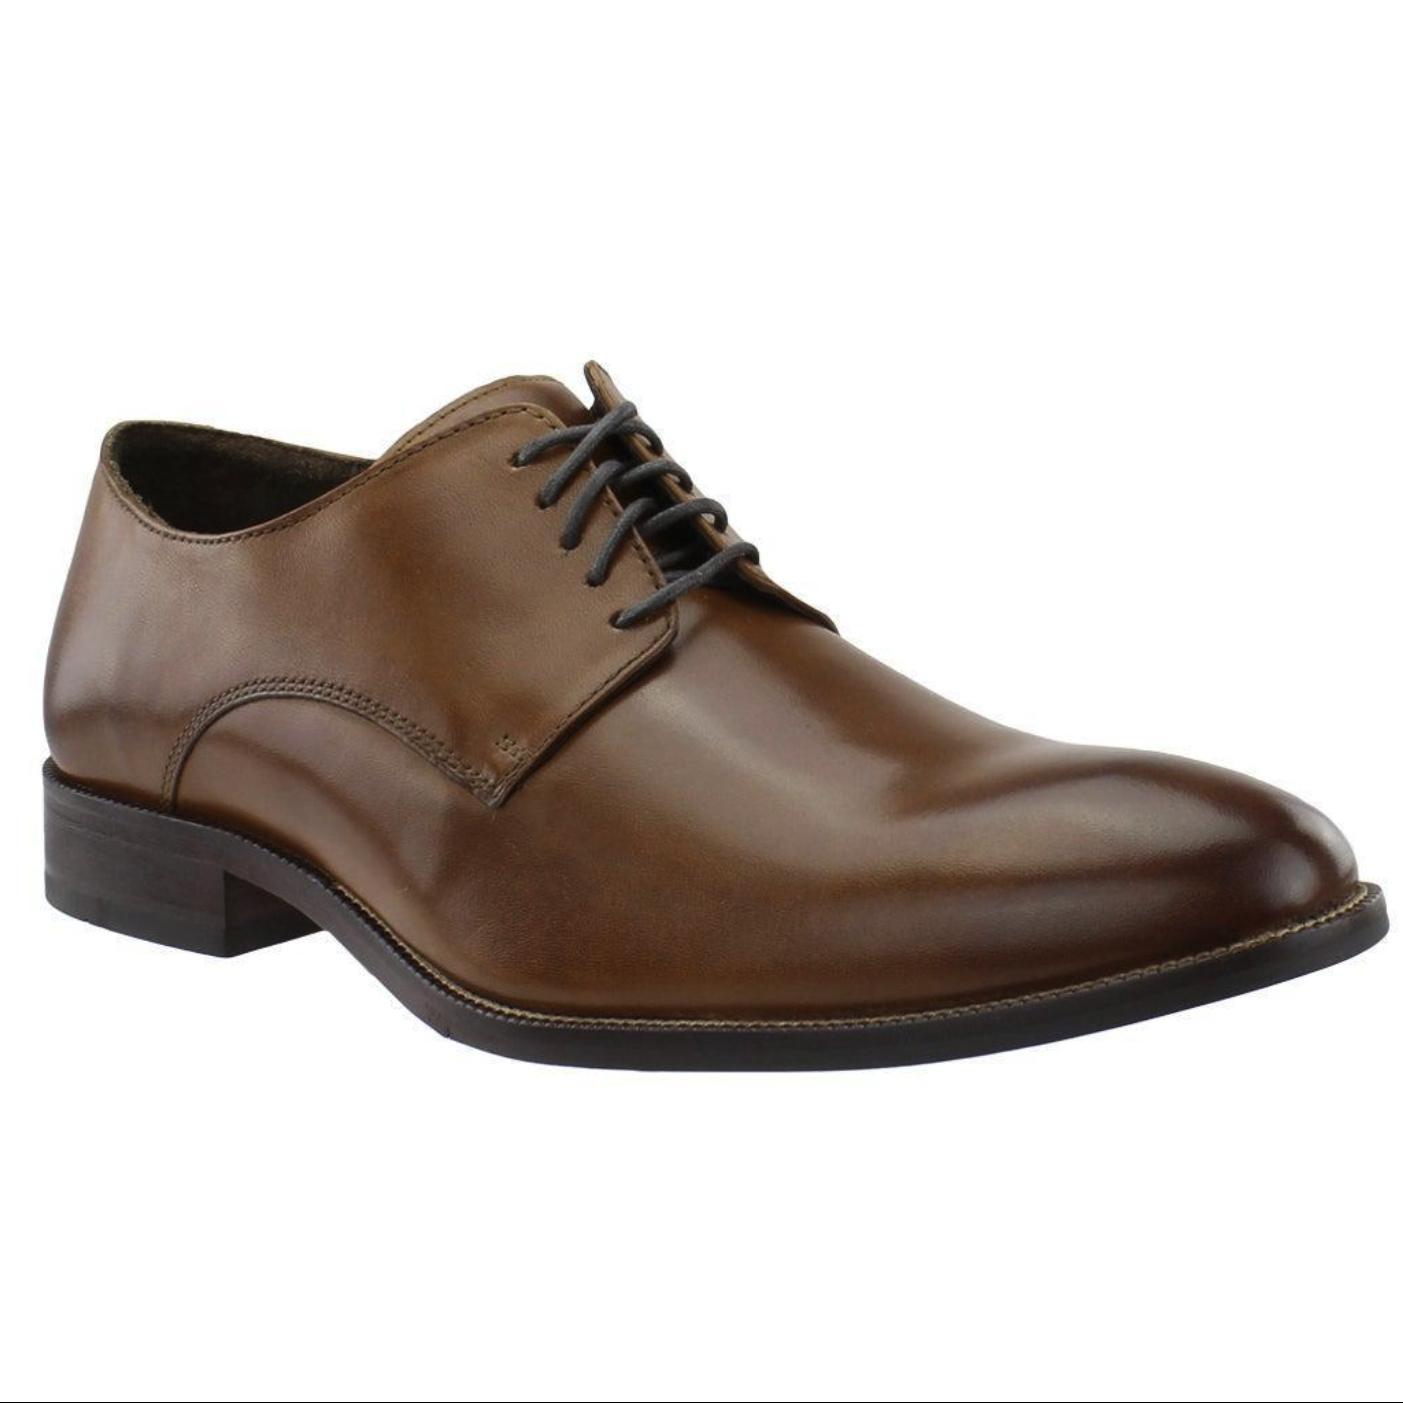 限新用户 : COLE HAAN 歌涵 男士牛津皮鞋